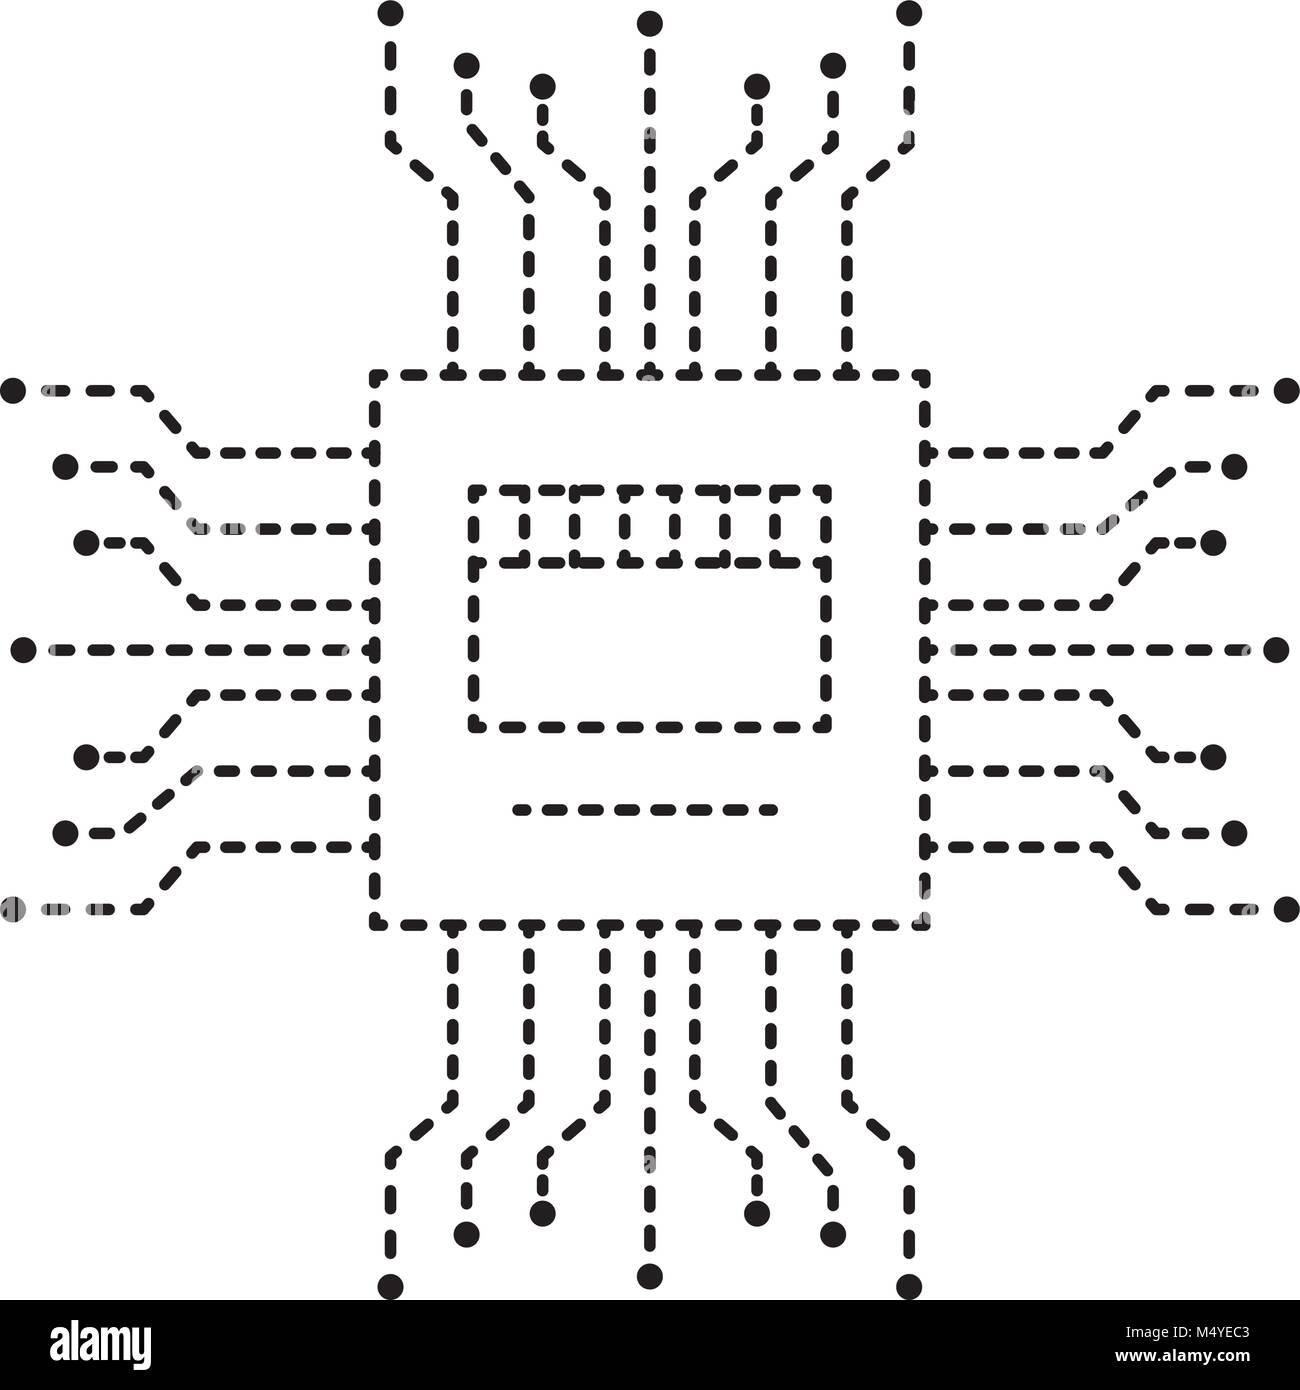 Berühmt Elektrische Installationssymbole Ideen - Schaltplan Serie ...